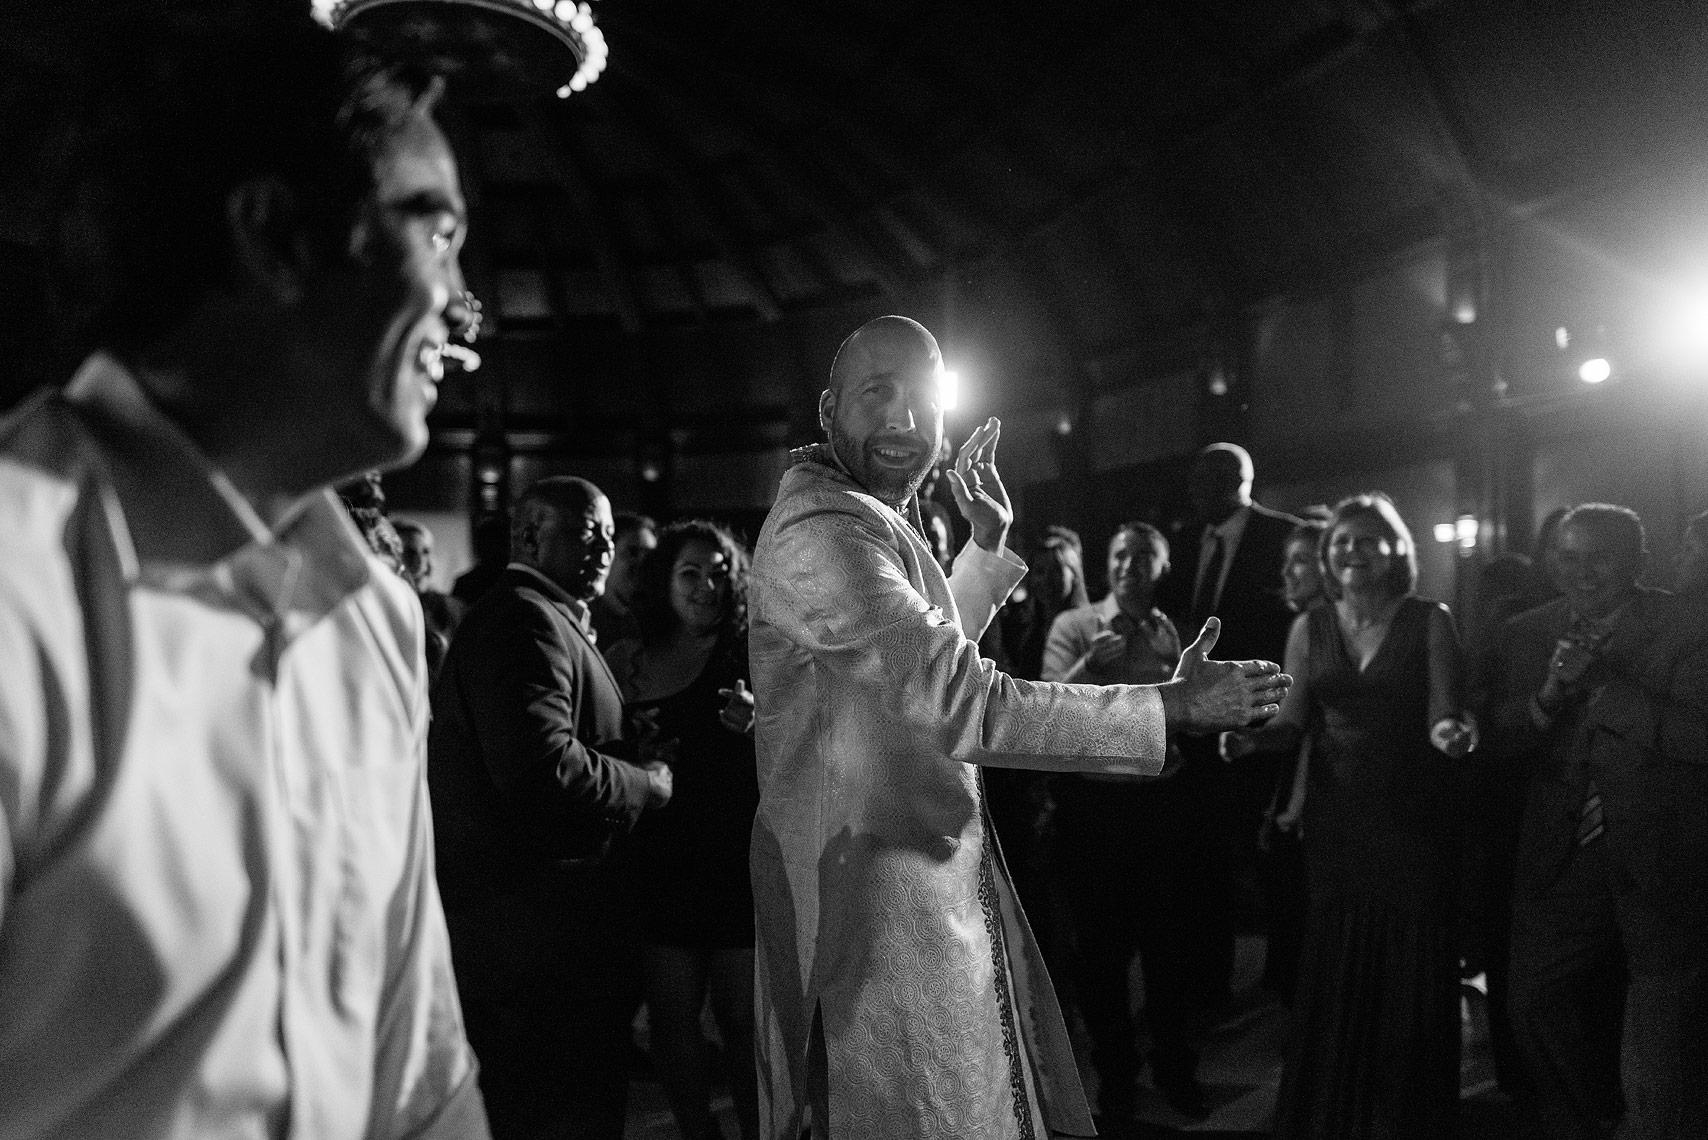 36-hotel-del-coronado-celebrity-wedding.jpg